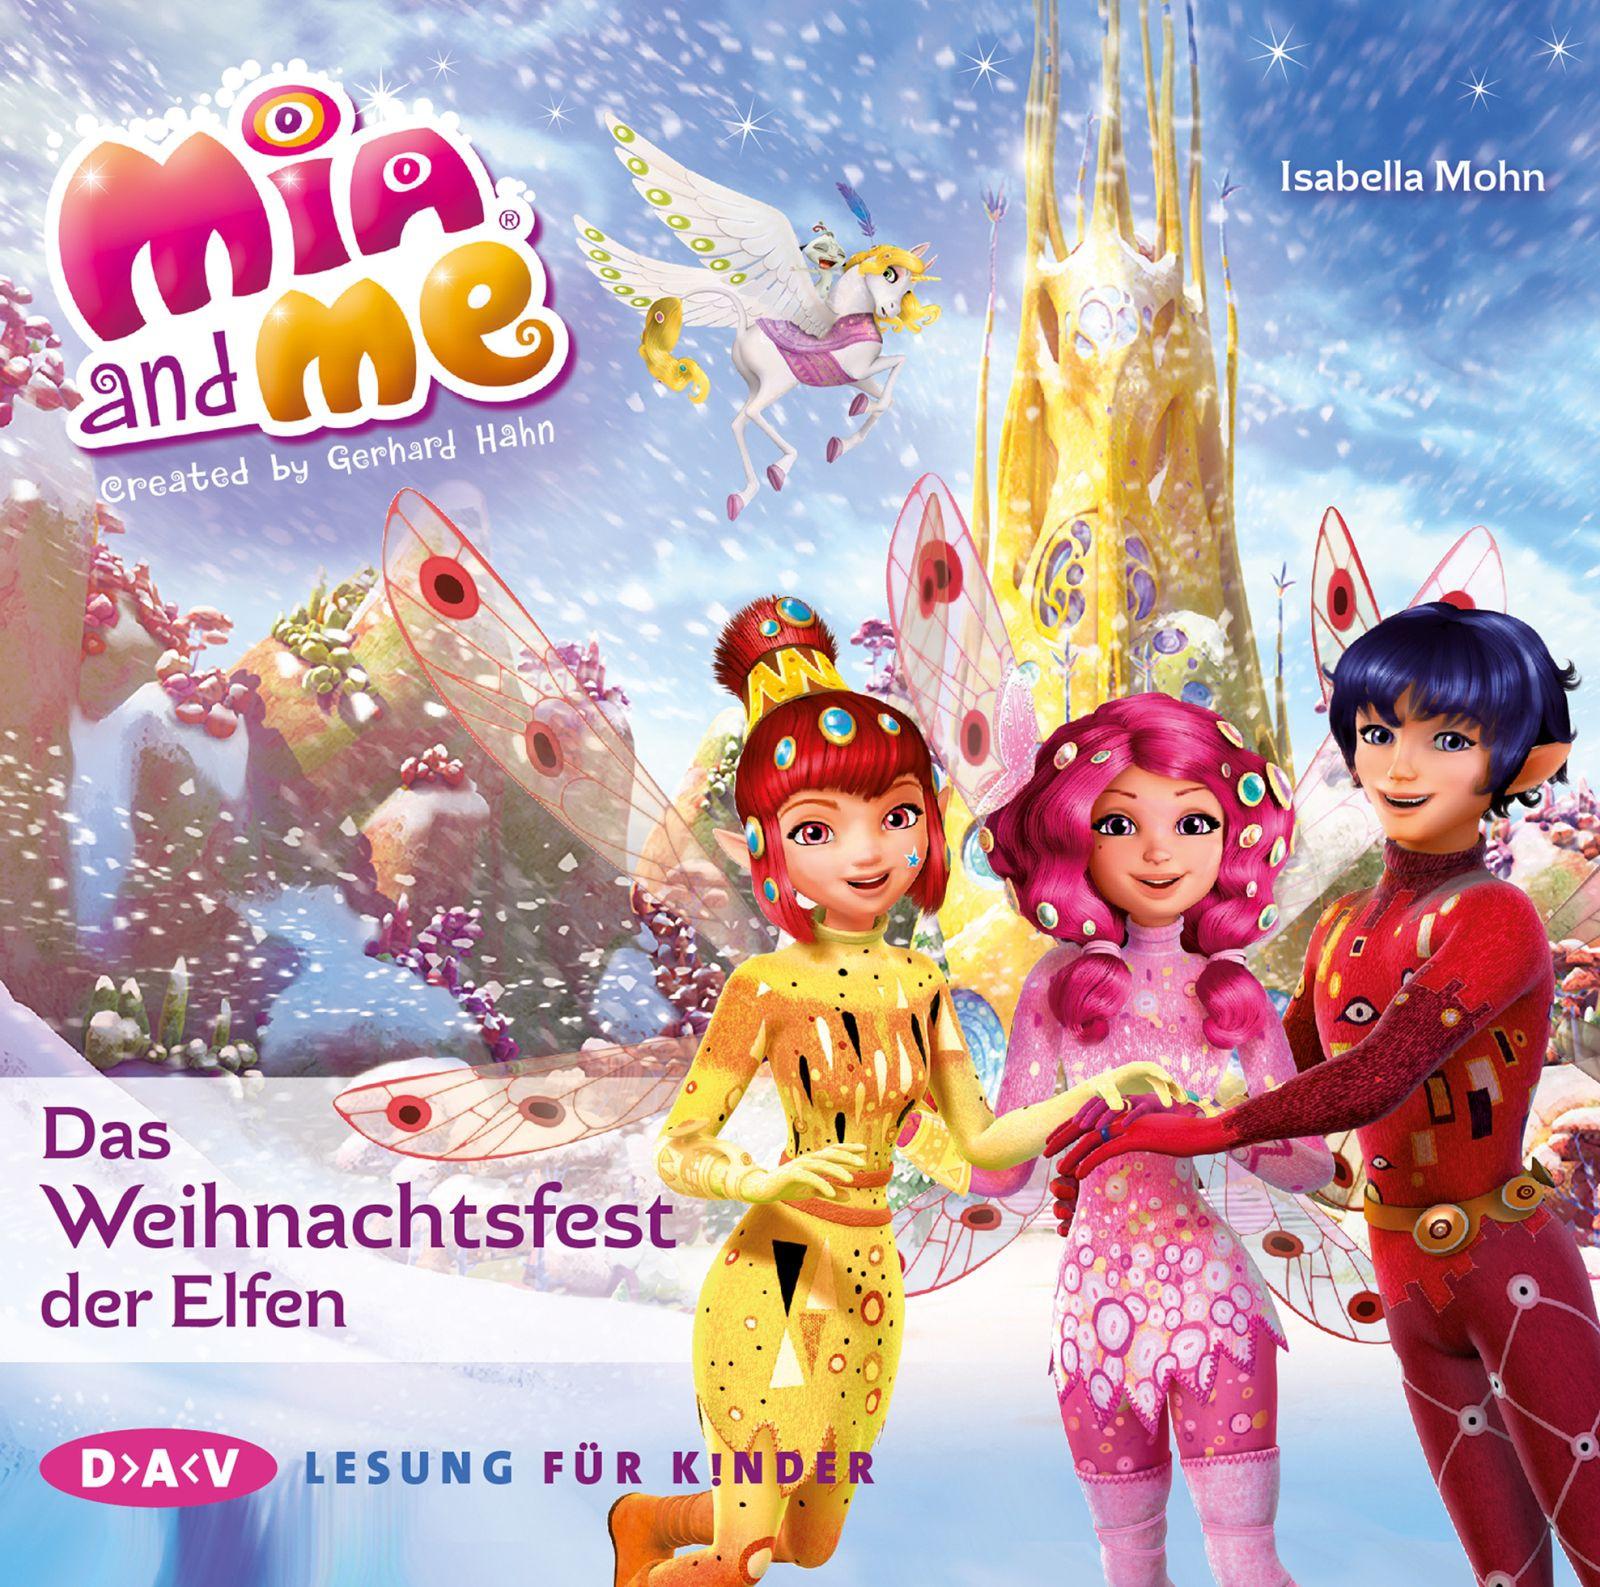 Isabella Mohn - Mia and me - Das Weihnachtsfest der Elfen